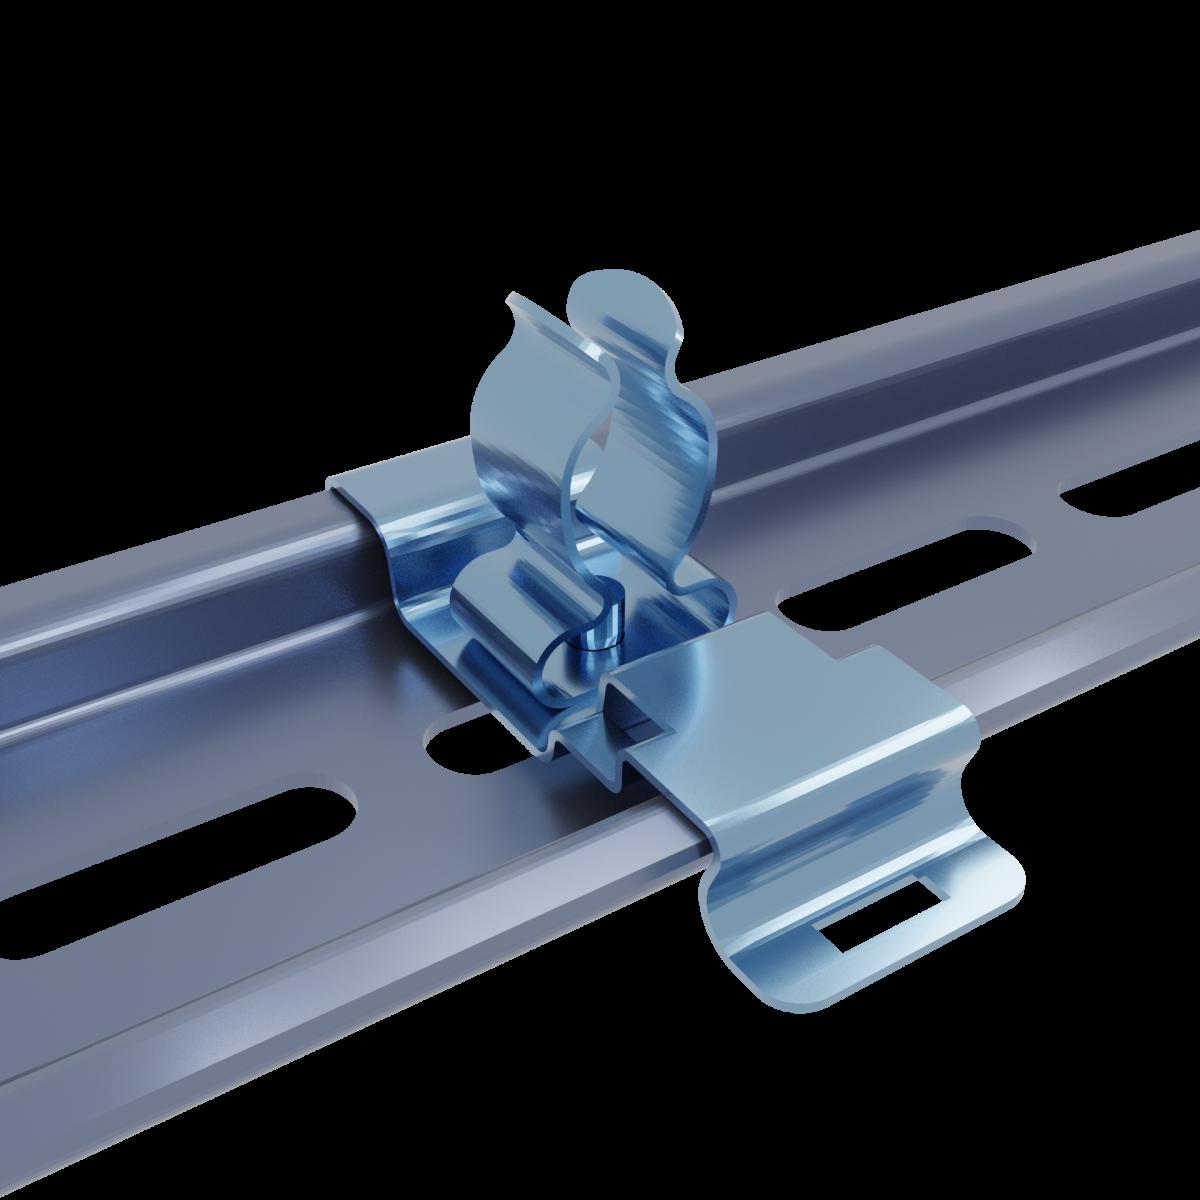 Stínicí kabelová spona MSD 22-30